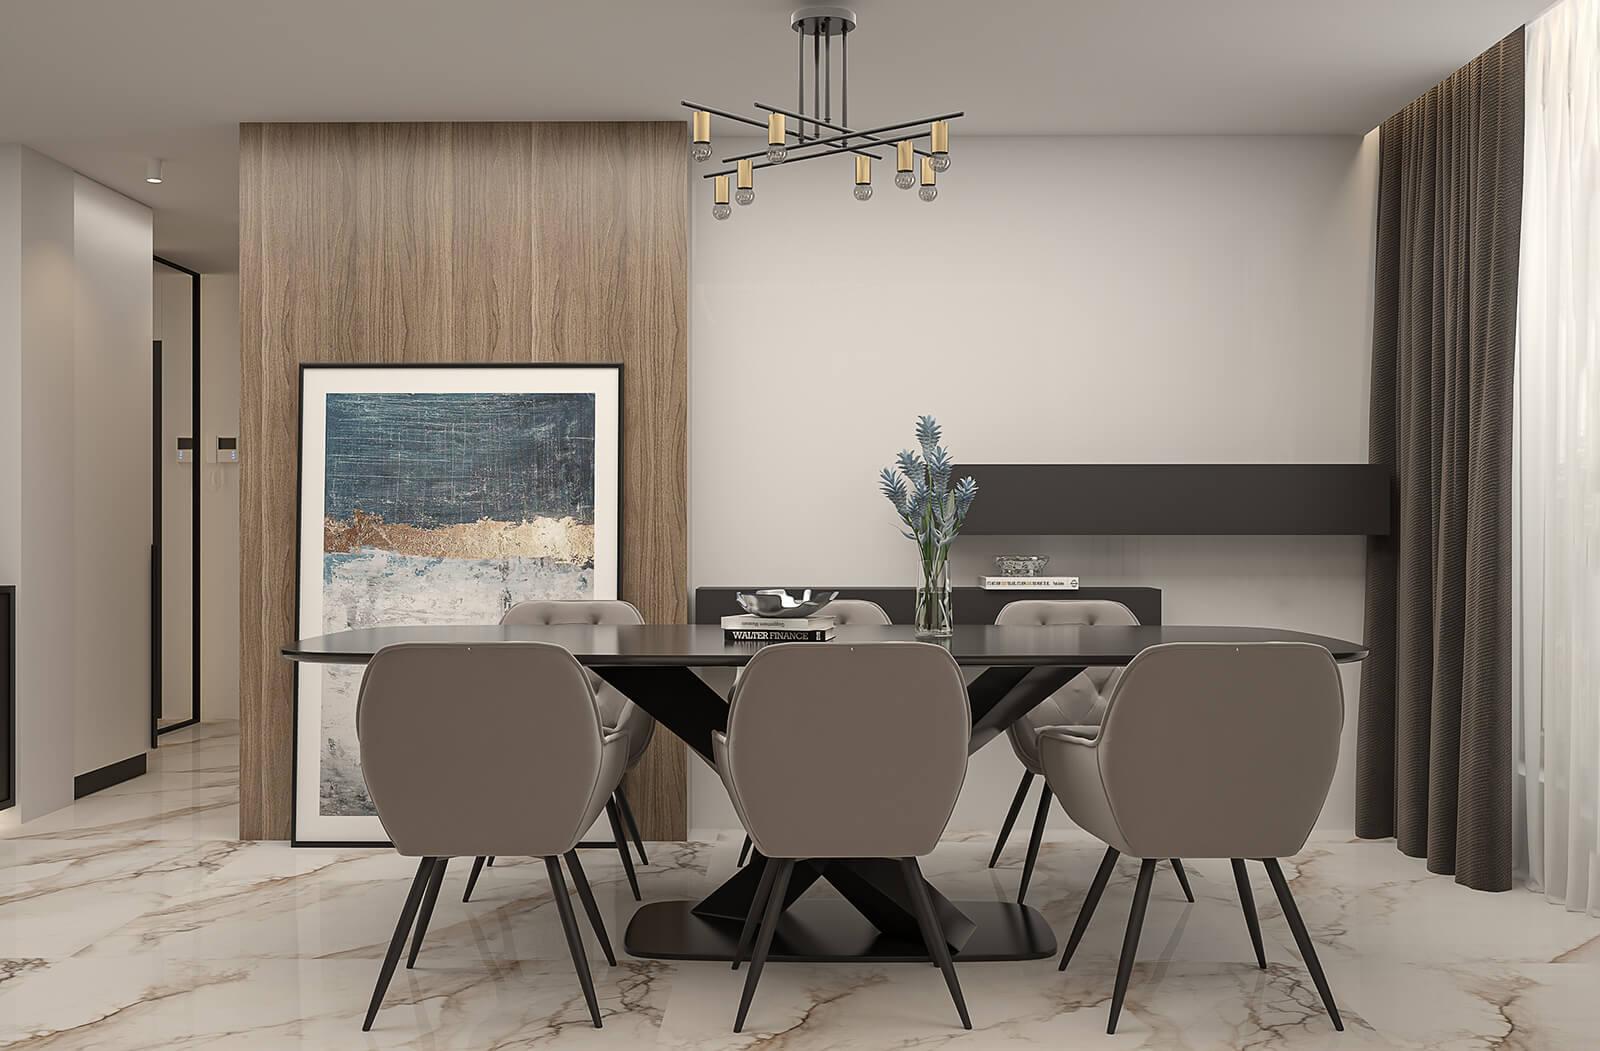 interioren-dizain-proekt-na-trapezaria-v-moderen-stil-proekt-nox